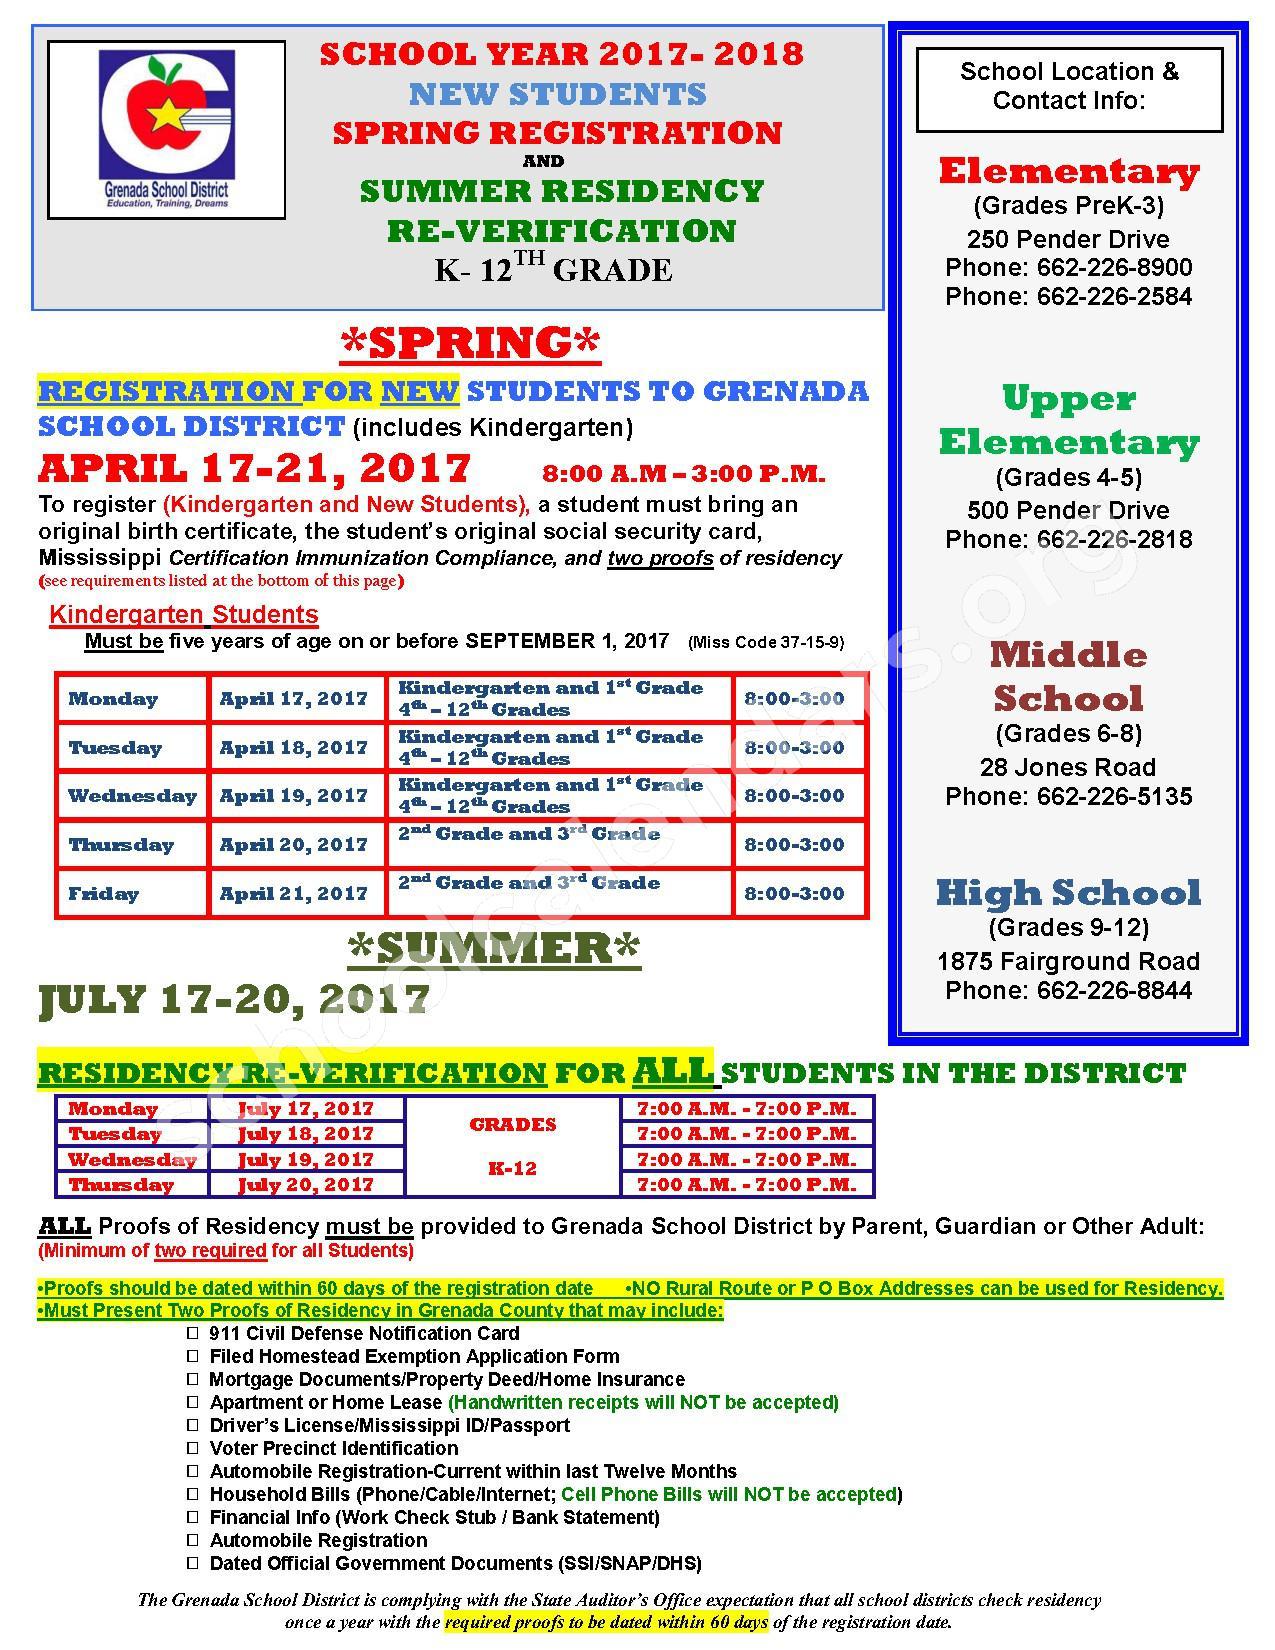 2017 - 2018 School Calendar – Grenada School District – page 1